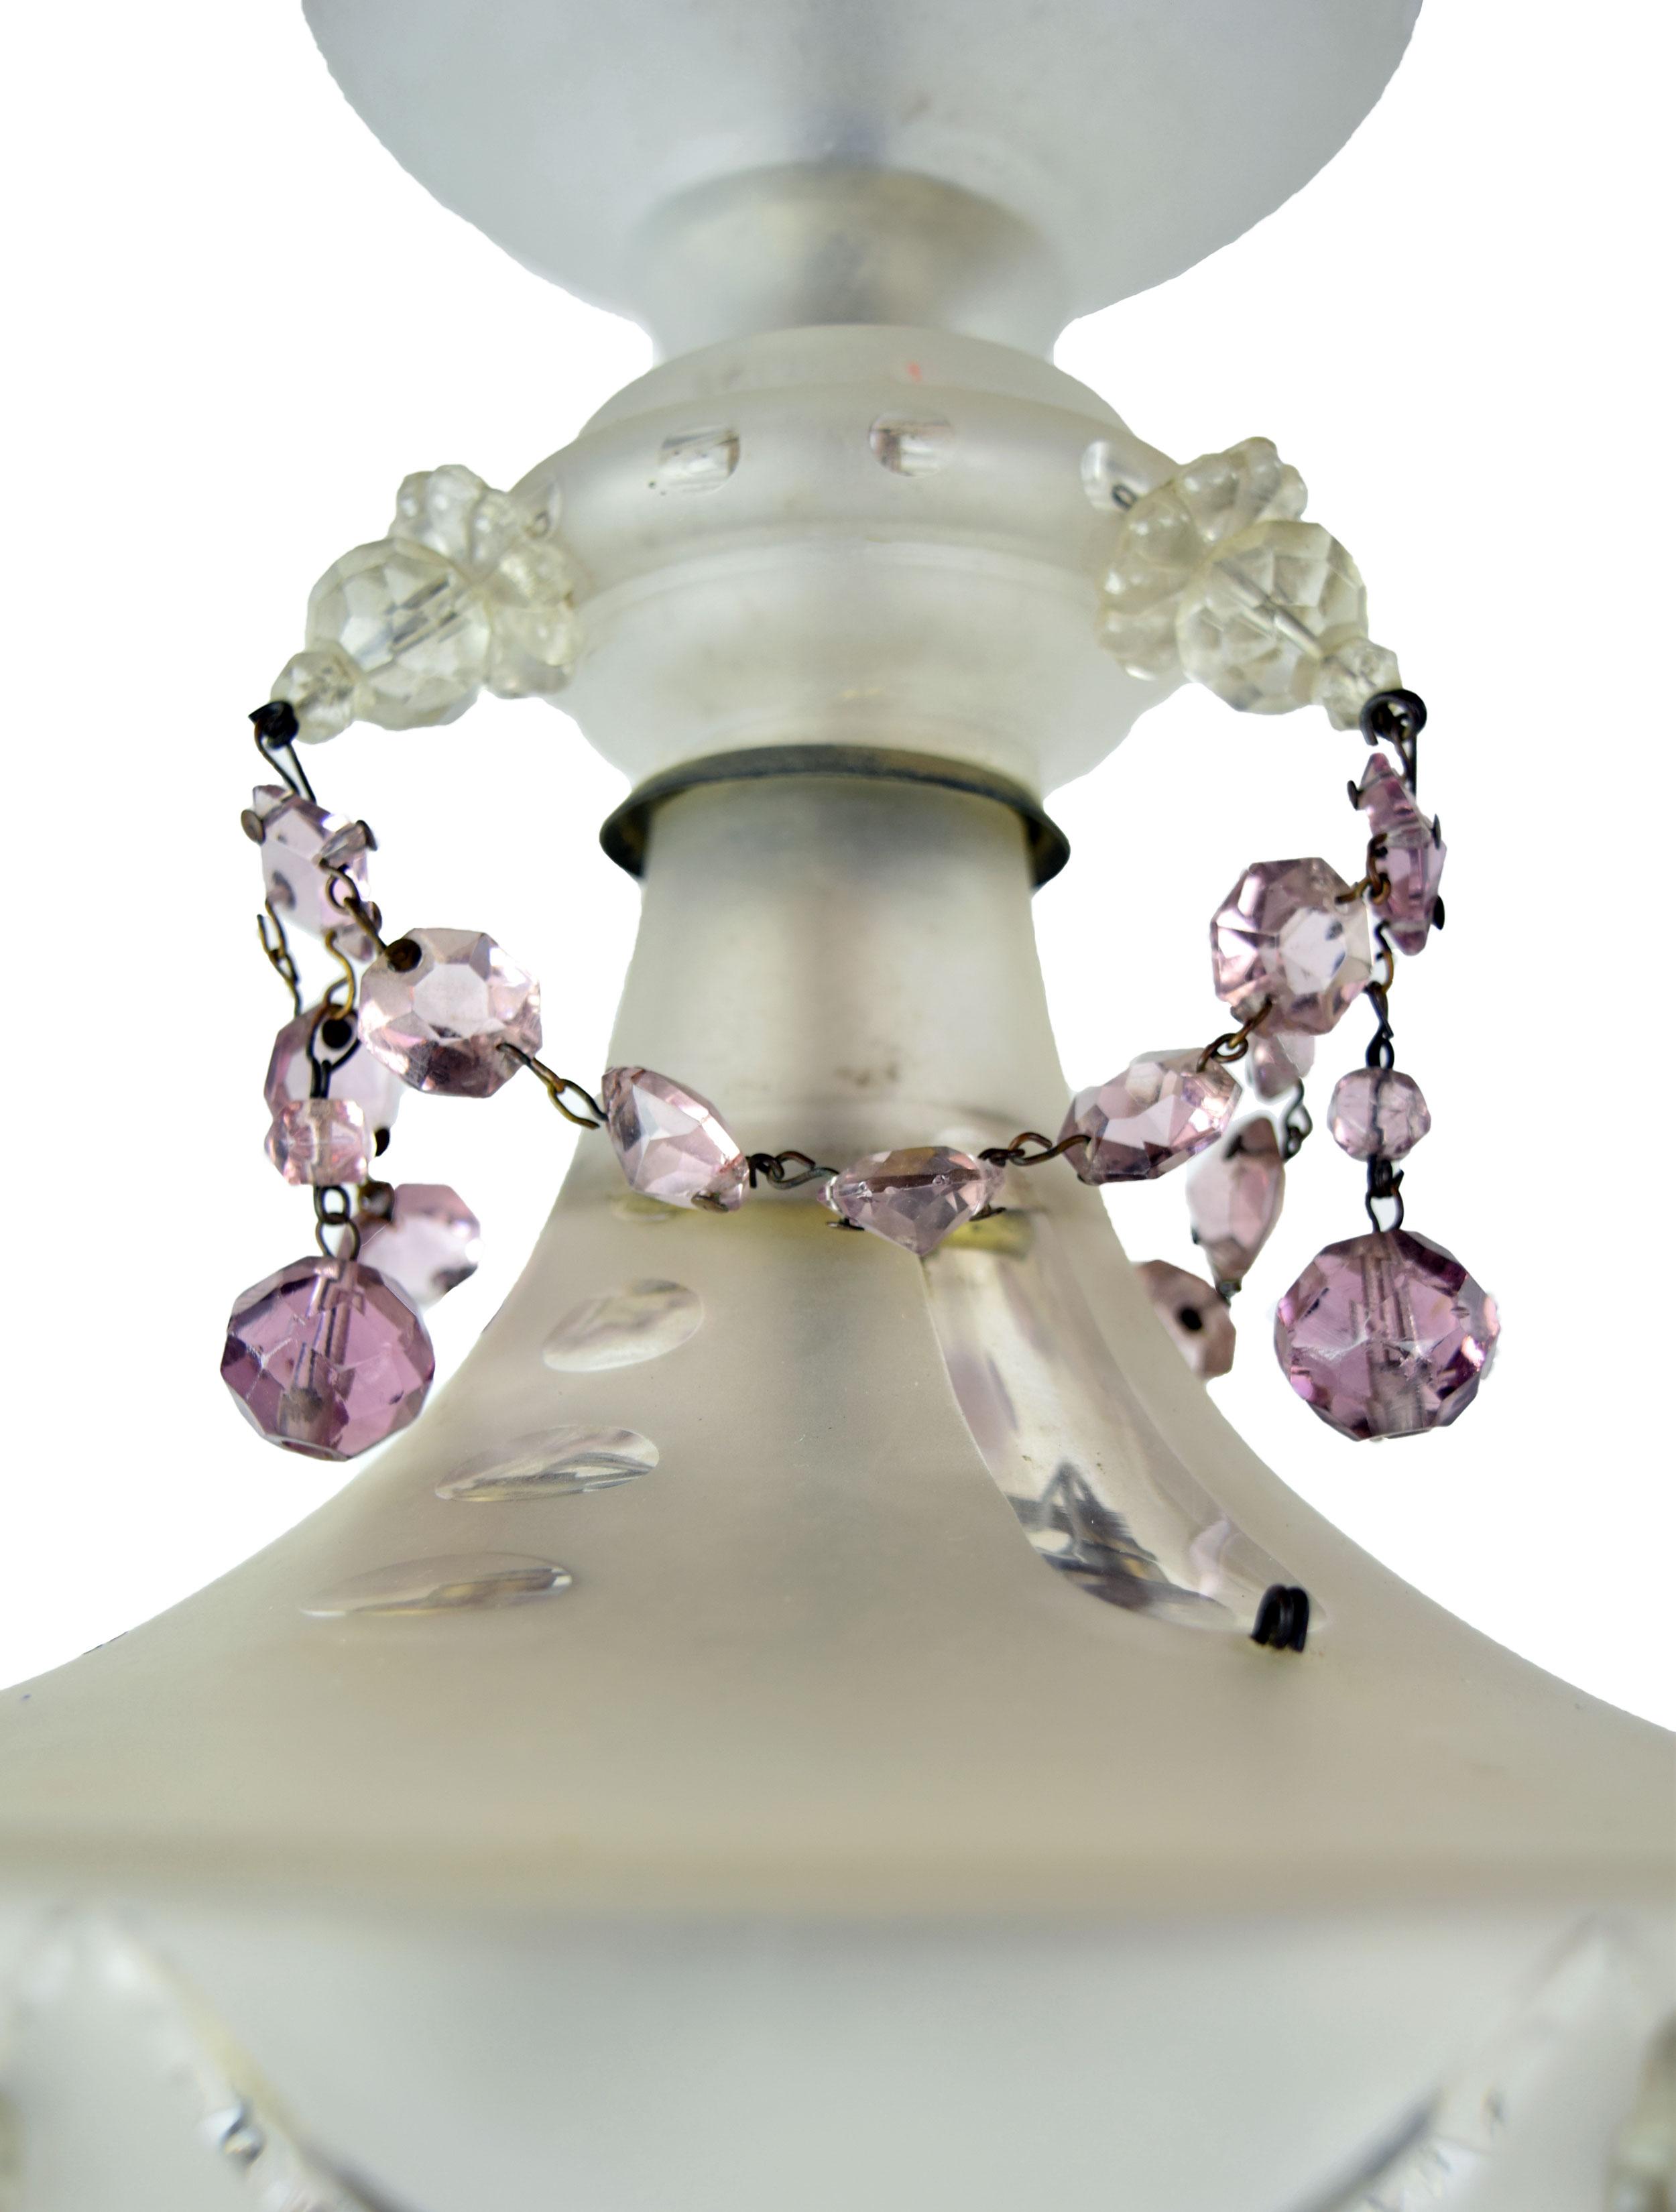 48083-glass-body-wedding-cake-jewel-closeup.jpg